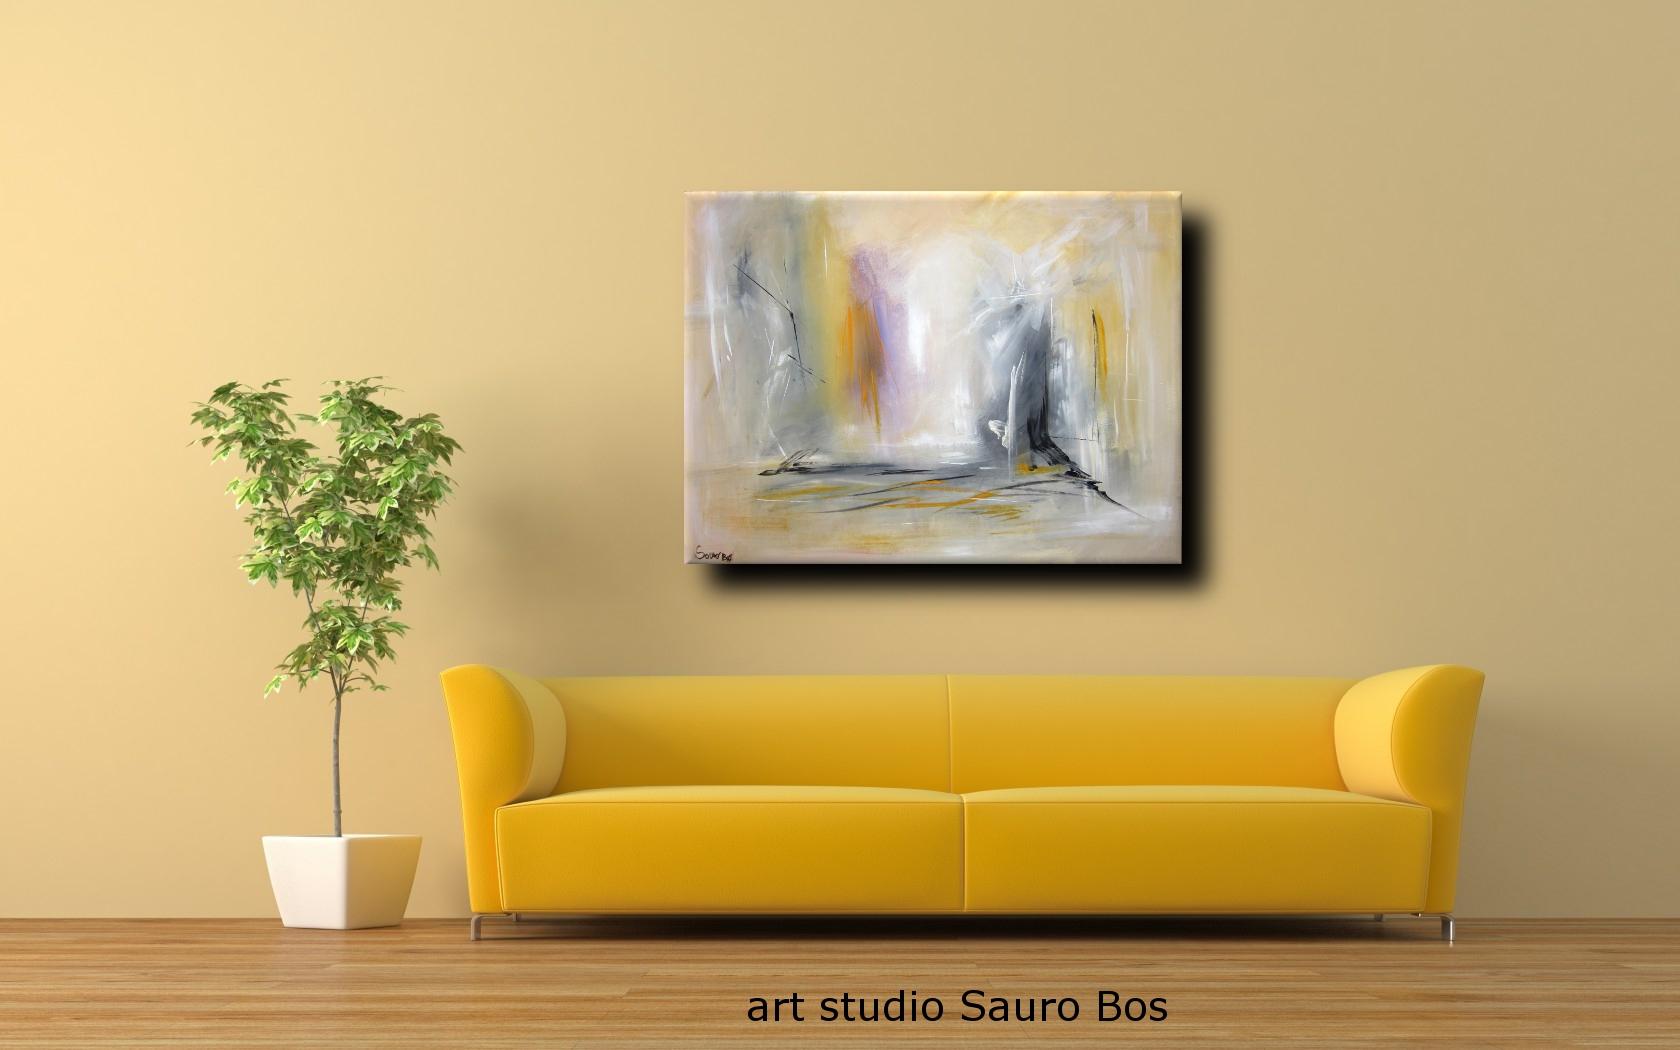 dipinto astratto per soggiorno ufficio  sauro bos